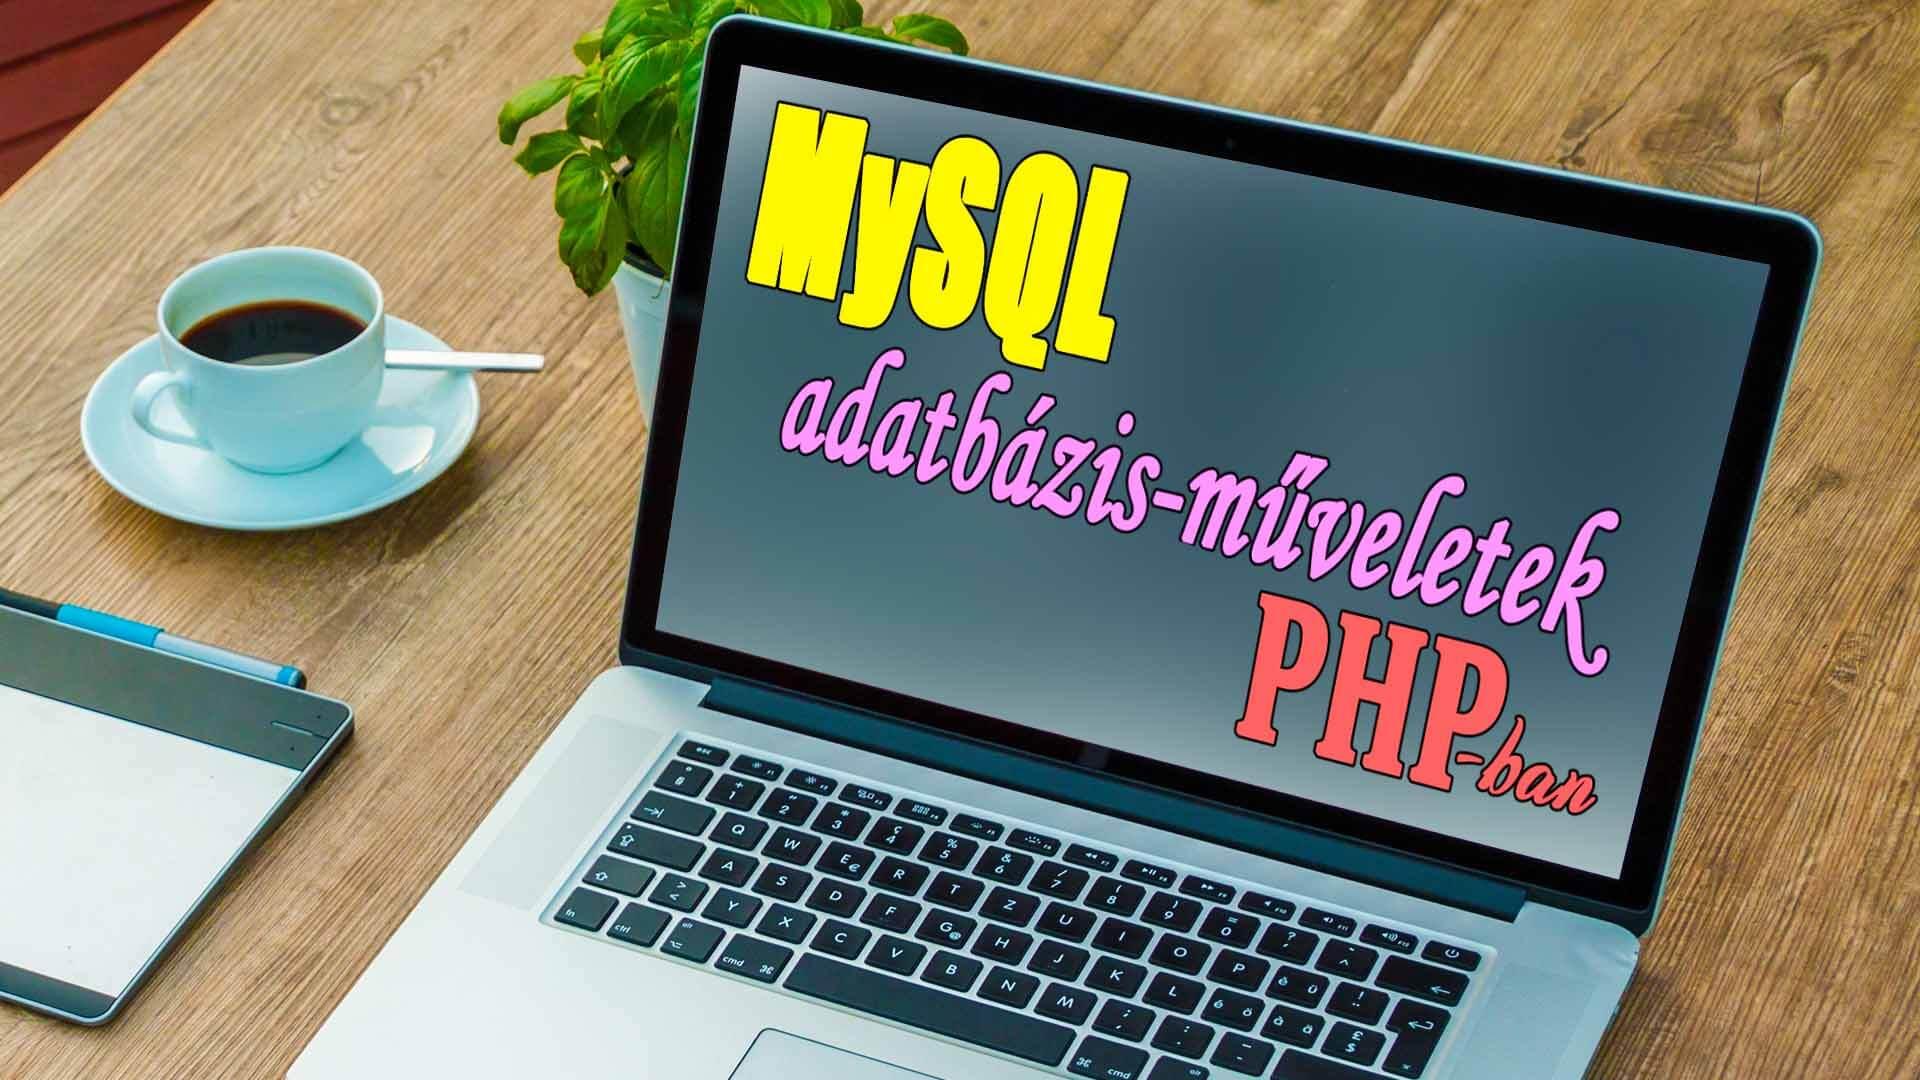 MySQL adatbázis-műveletek a PHP-ban (adatbázis-kapcsolat létrehozása, bezárása, tábla létrehozása, rekord hozzáadása, törlése, módosítása, lekérdezések írása) című cikk borítóképe